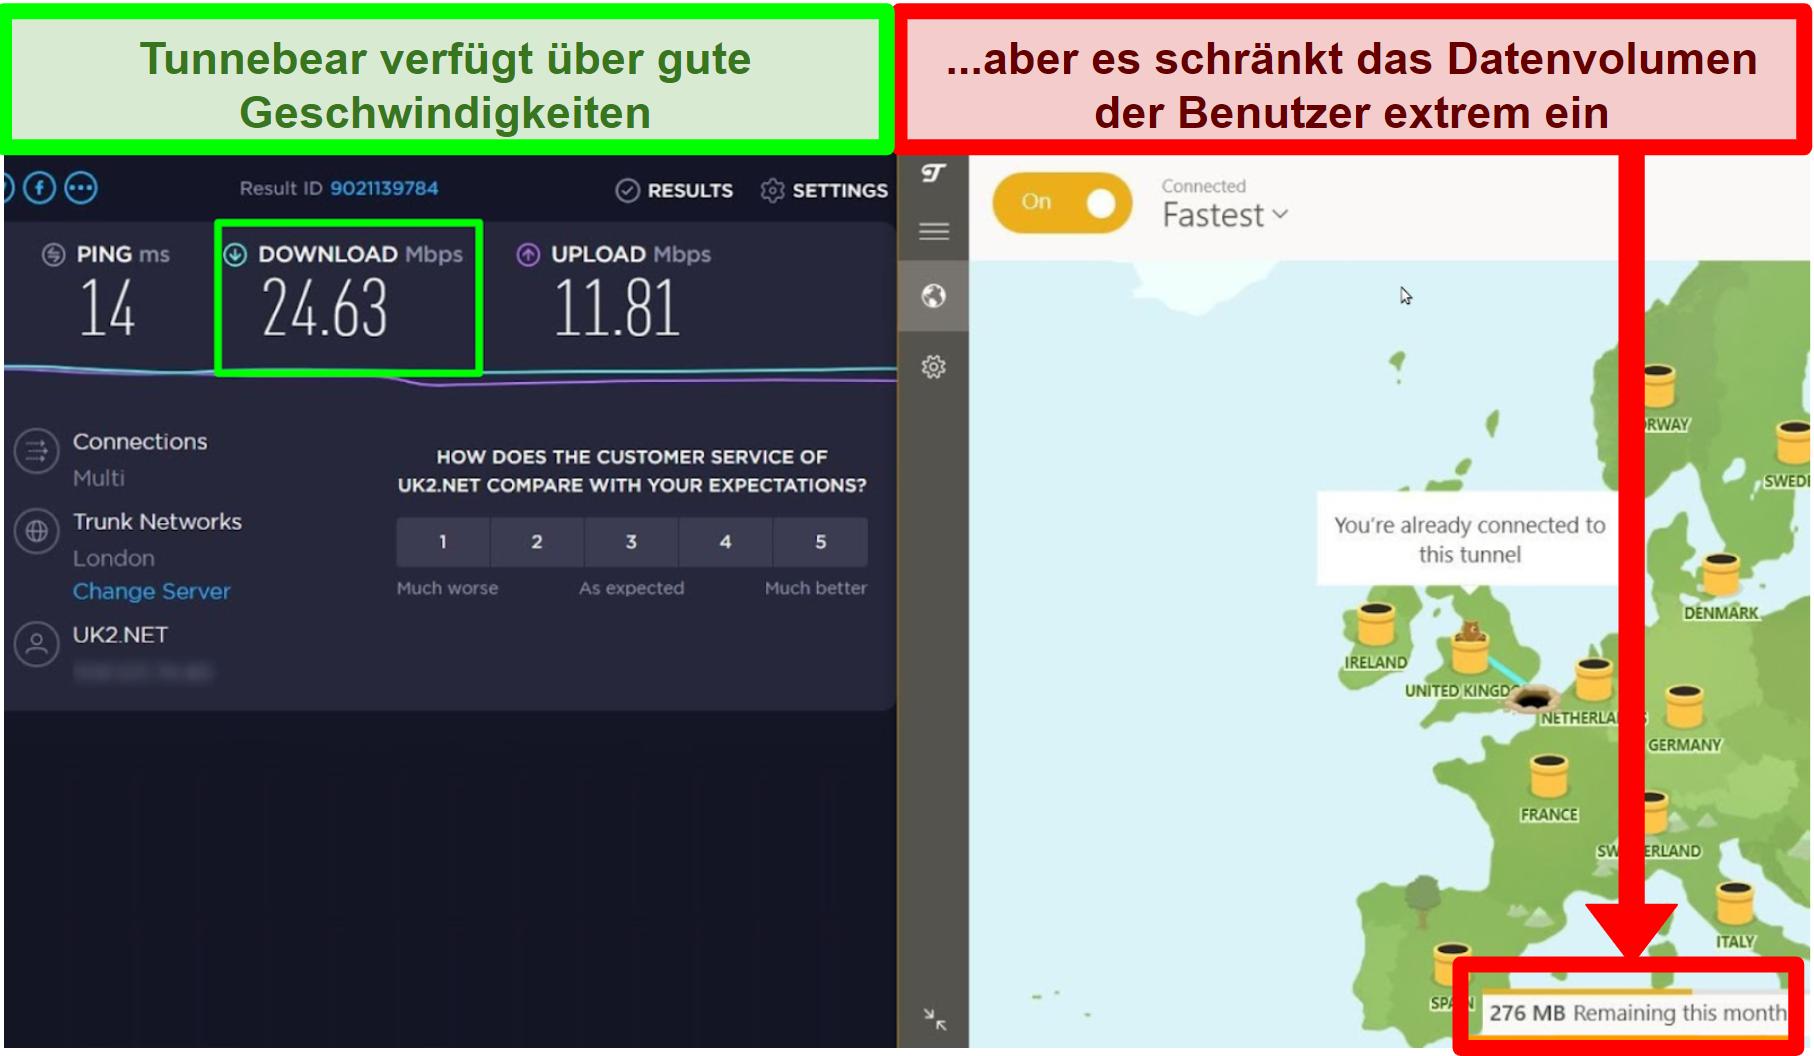 TunnelBear hat gute Geschwindigkeiten, begrenzt jedoch die Benutzerdaten